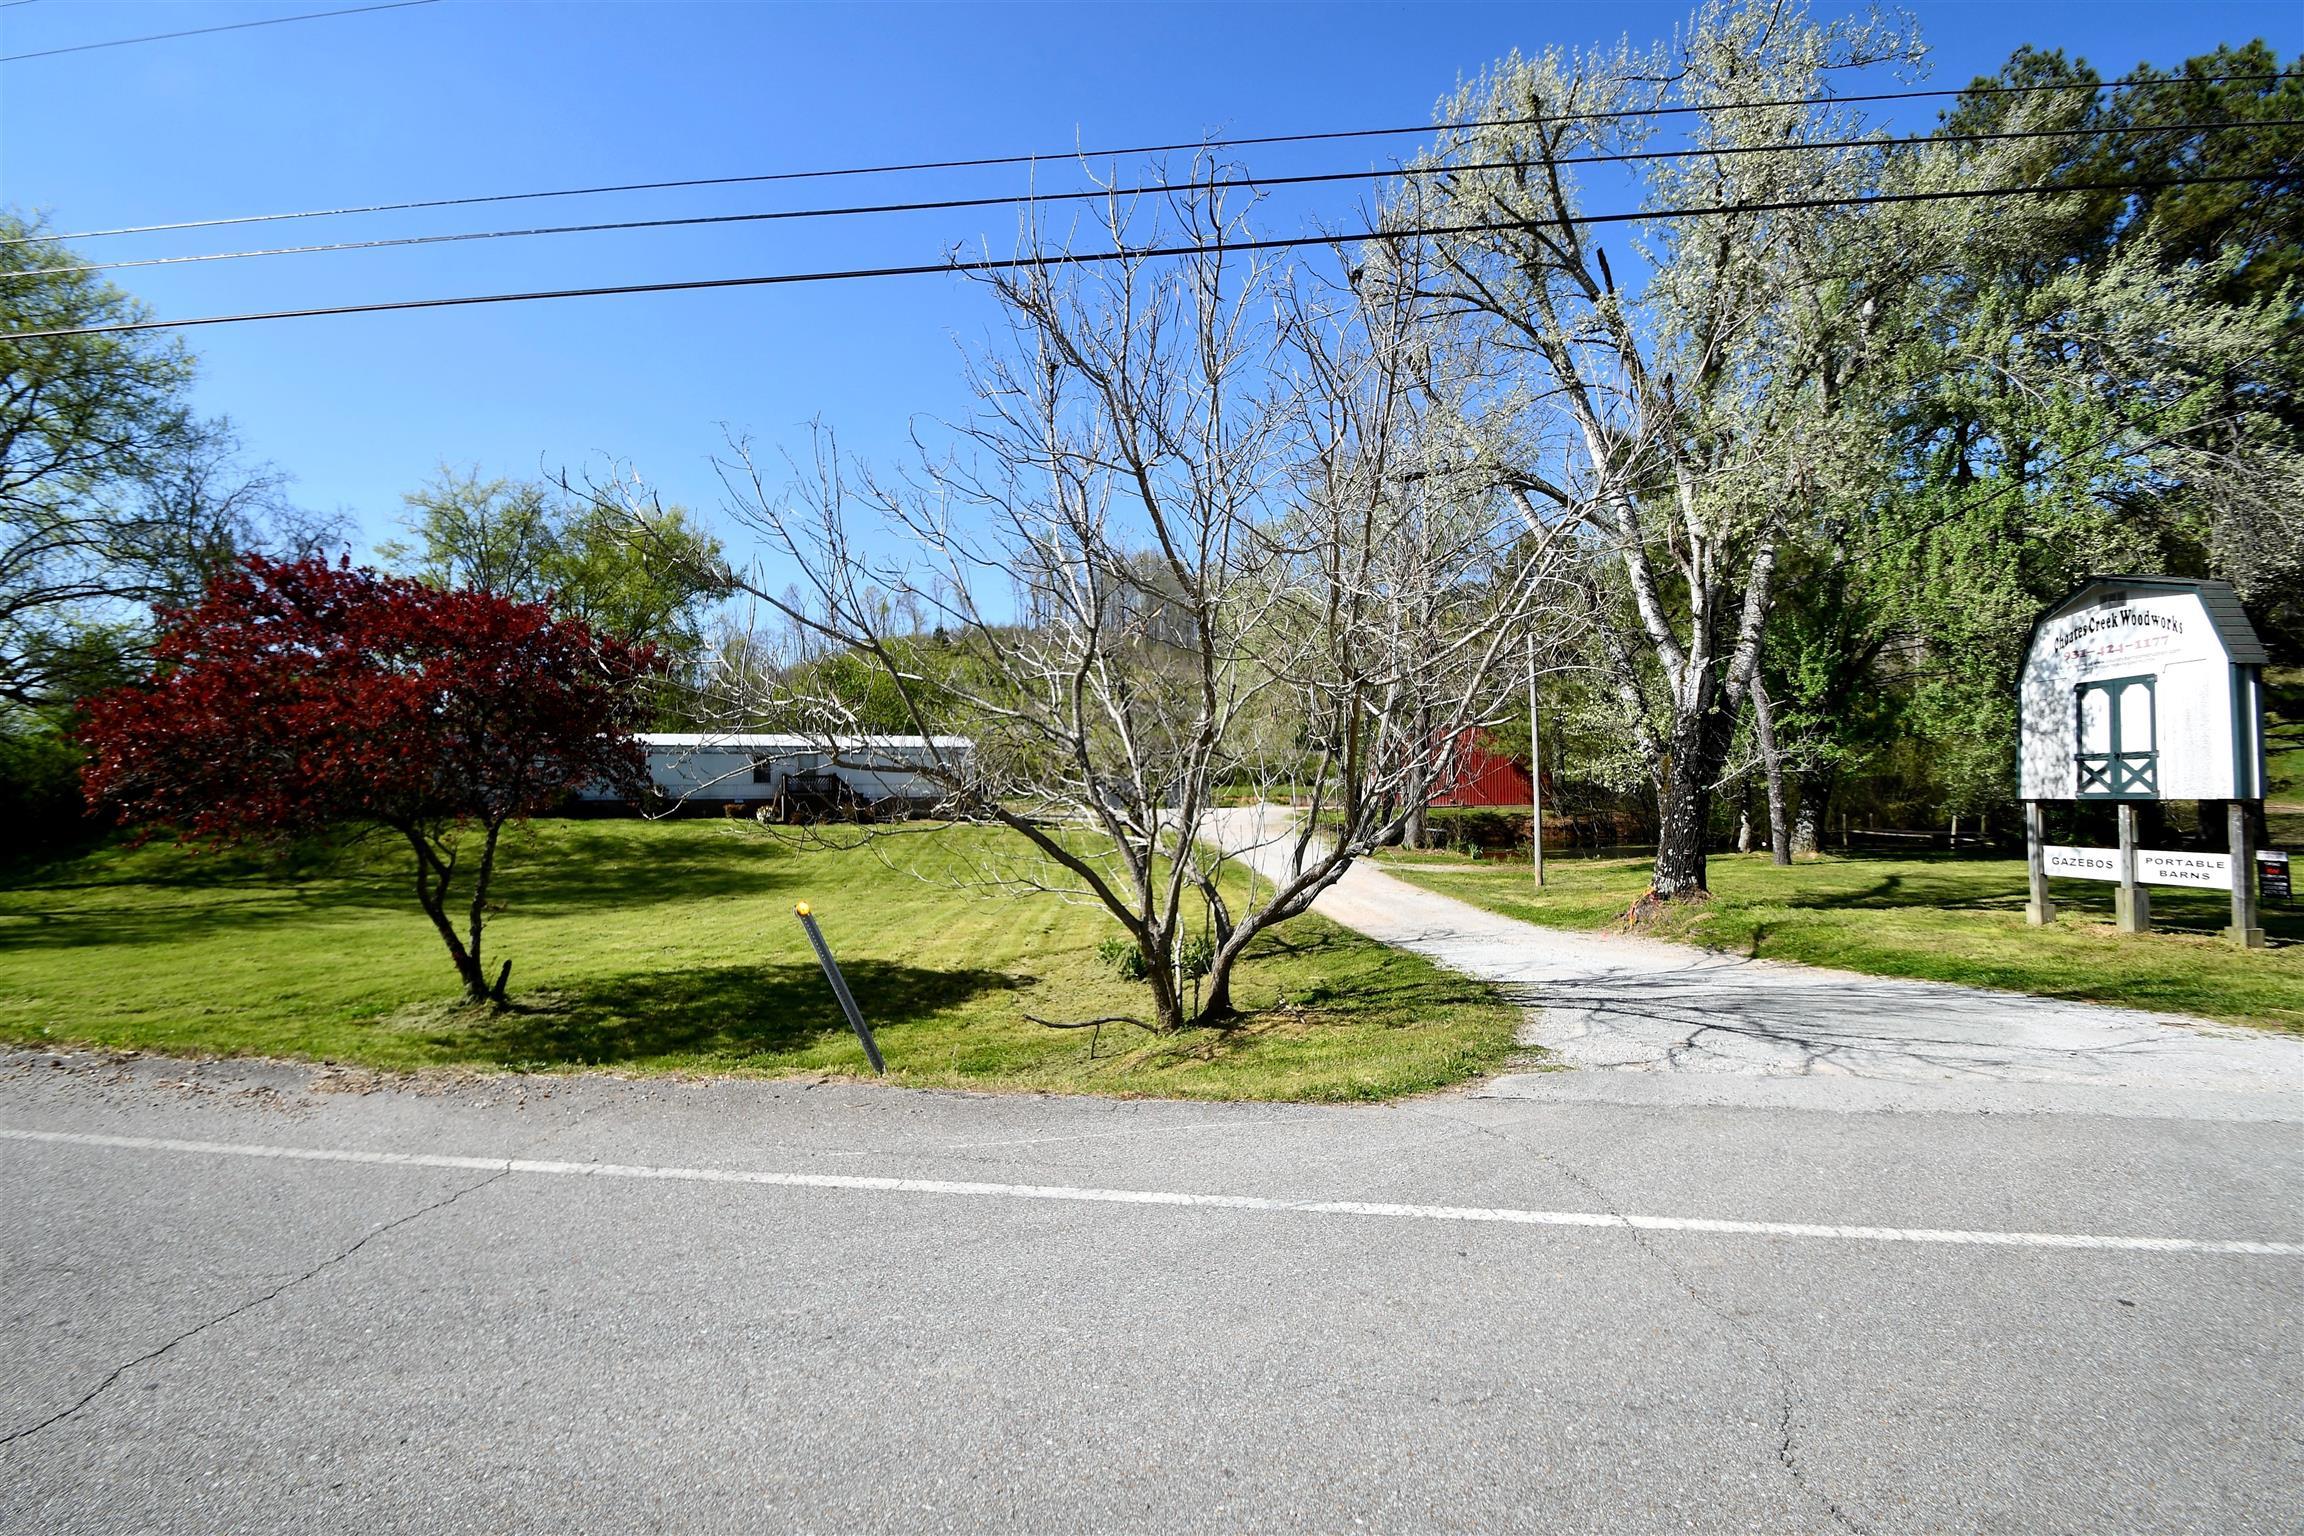 422 Powdermill Hill Rd, Lawrenceburg, TN 38464 - Lawrenceburg, TN real estate listing